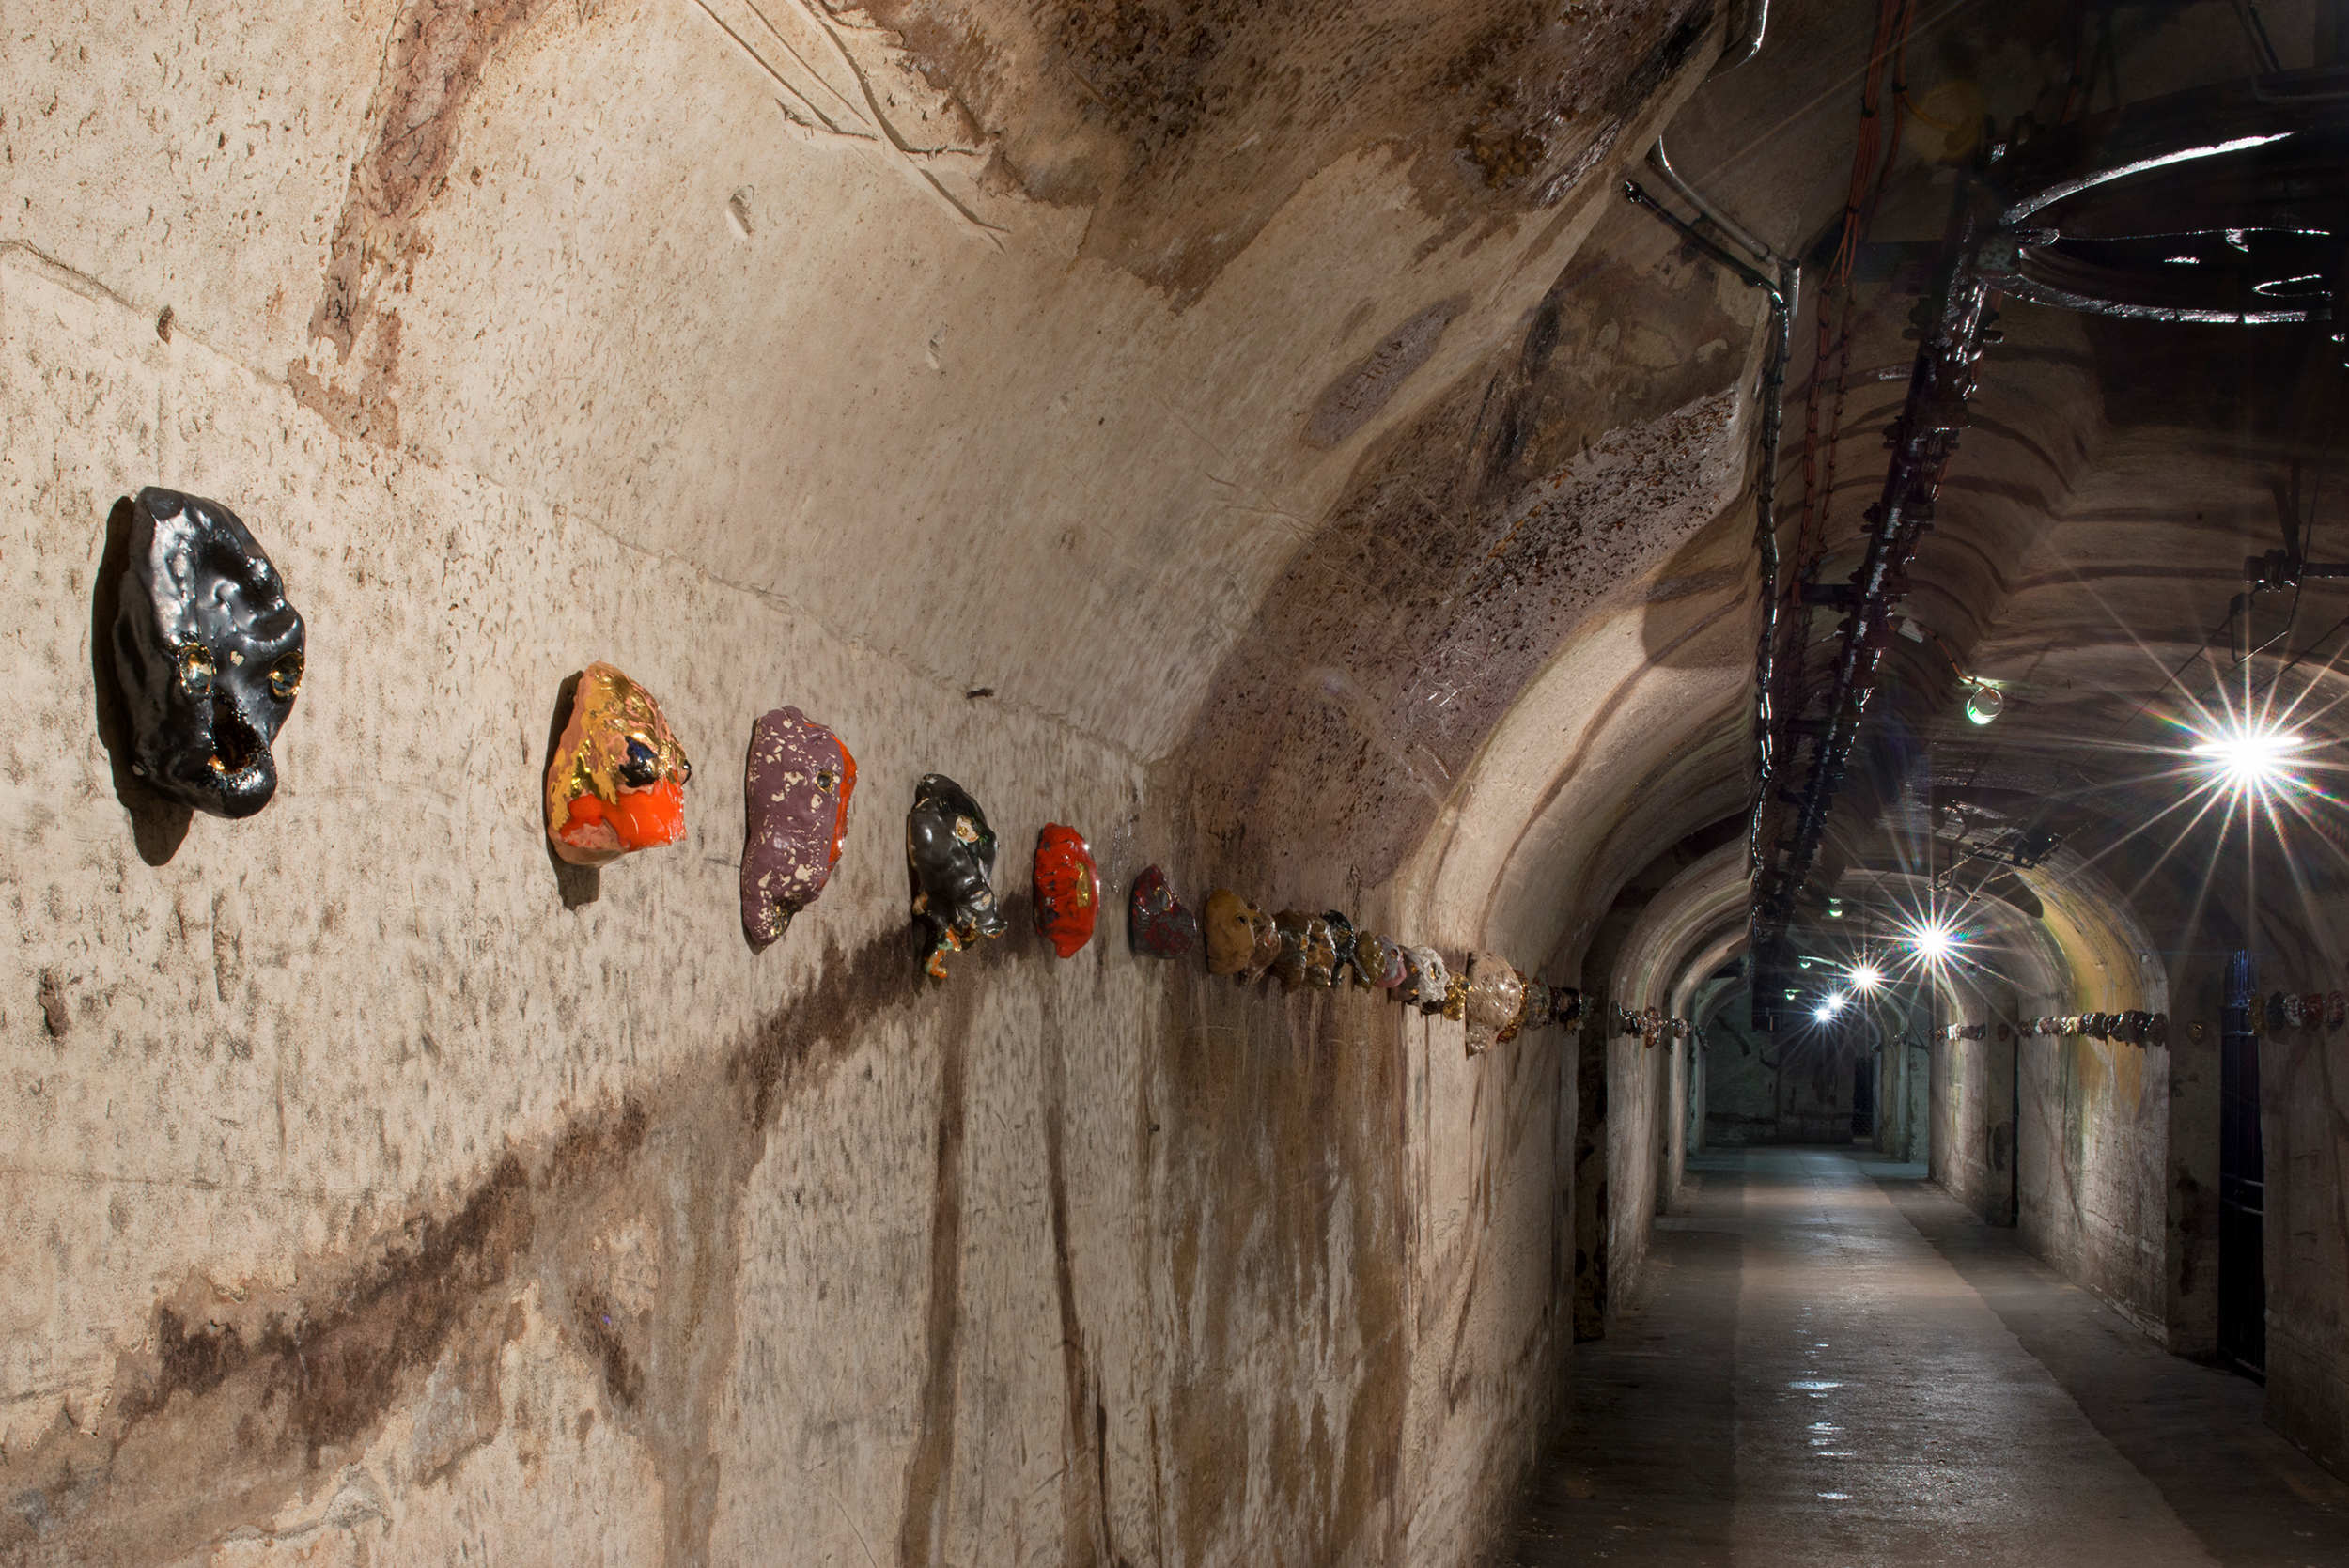 Vue de l'exposition@Expérience Pommery #11, Une Odyssée :@30 ans du Frac Champagne-Ardenne